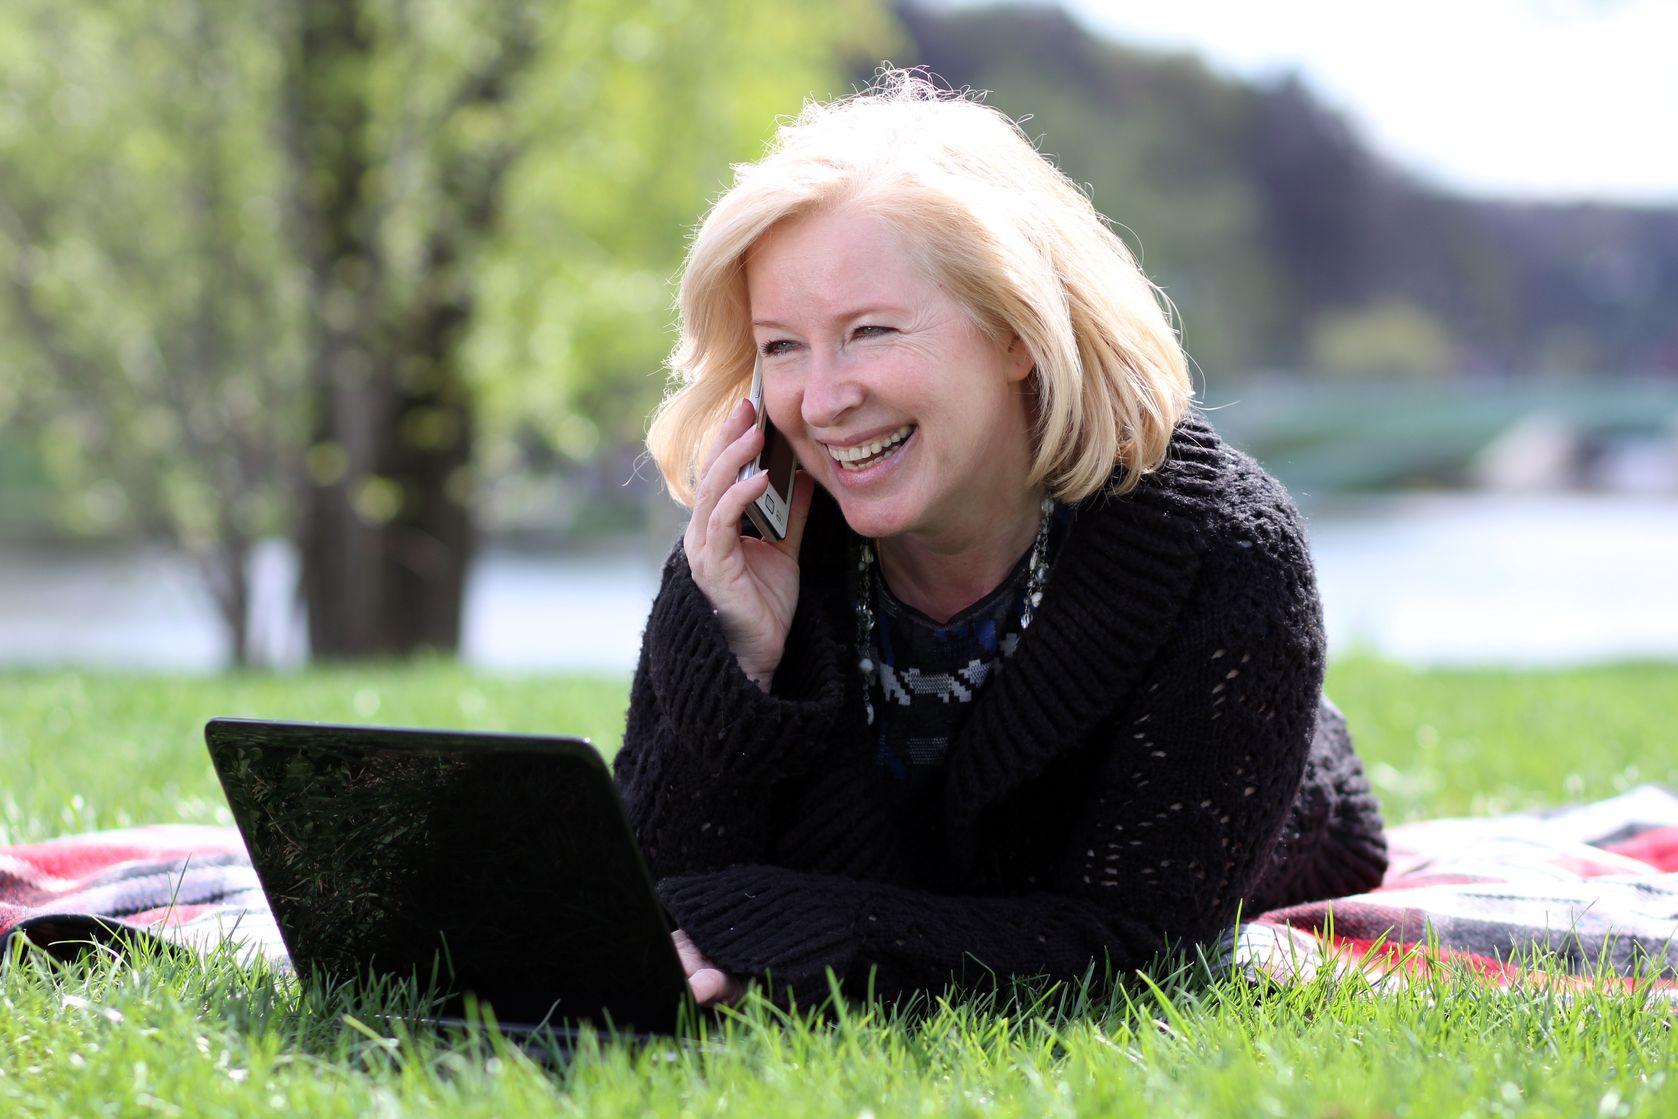 Госдума одобрила поправку о снижении возраста выхода на пенсию для женщин